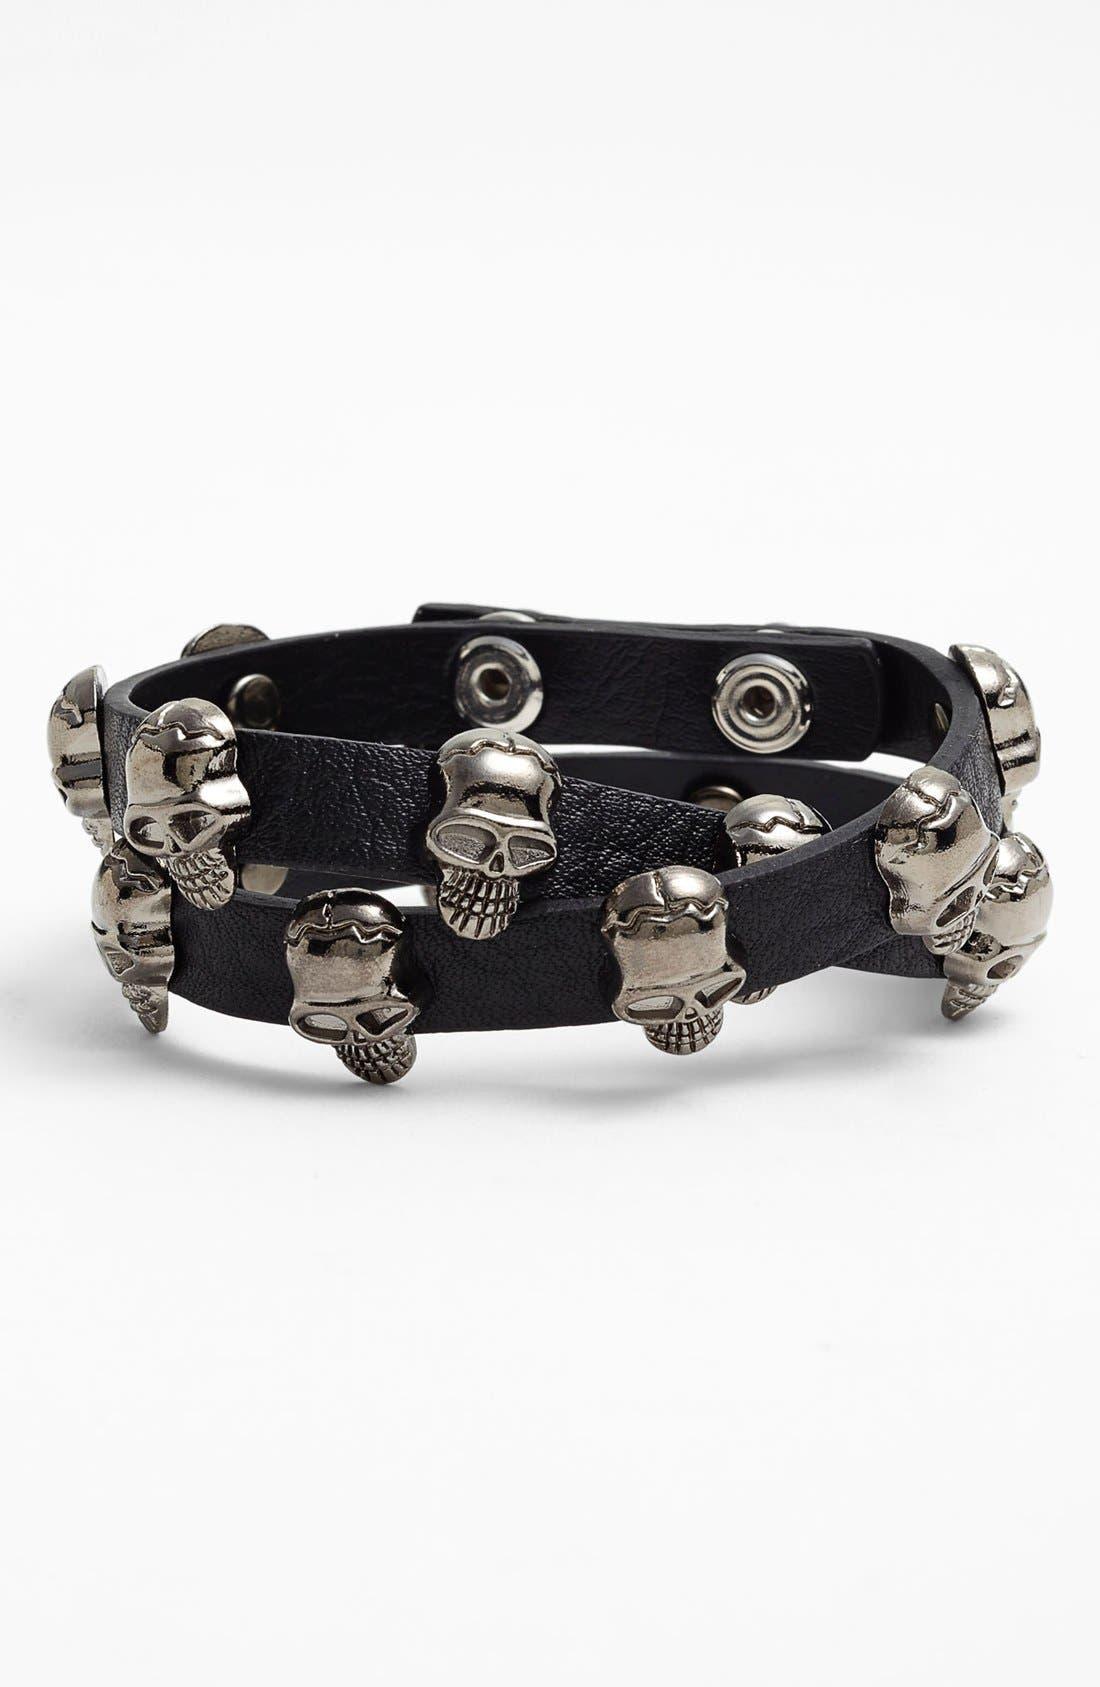 Alternate Image 1 Selected - Natasha Couture 'Skull' Double Wrap Bracelet